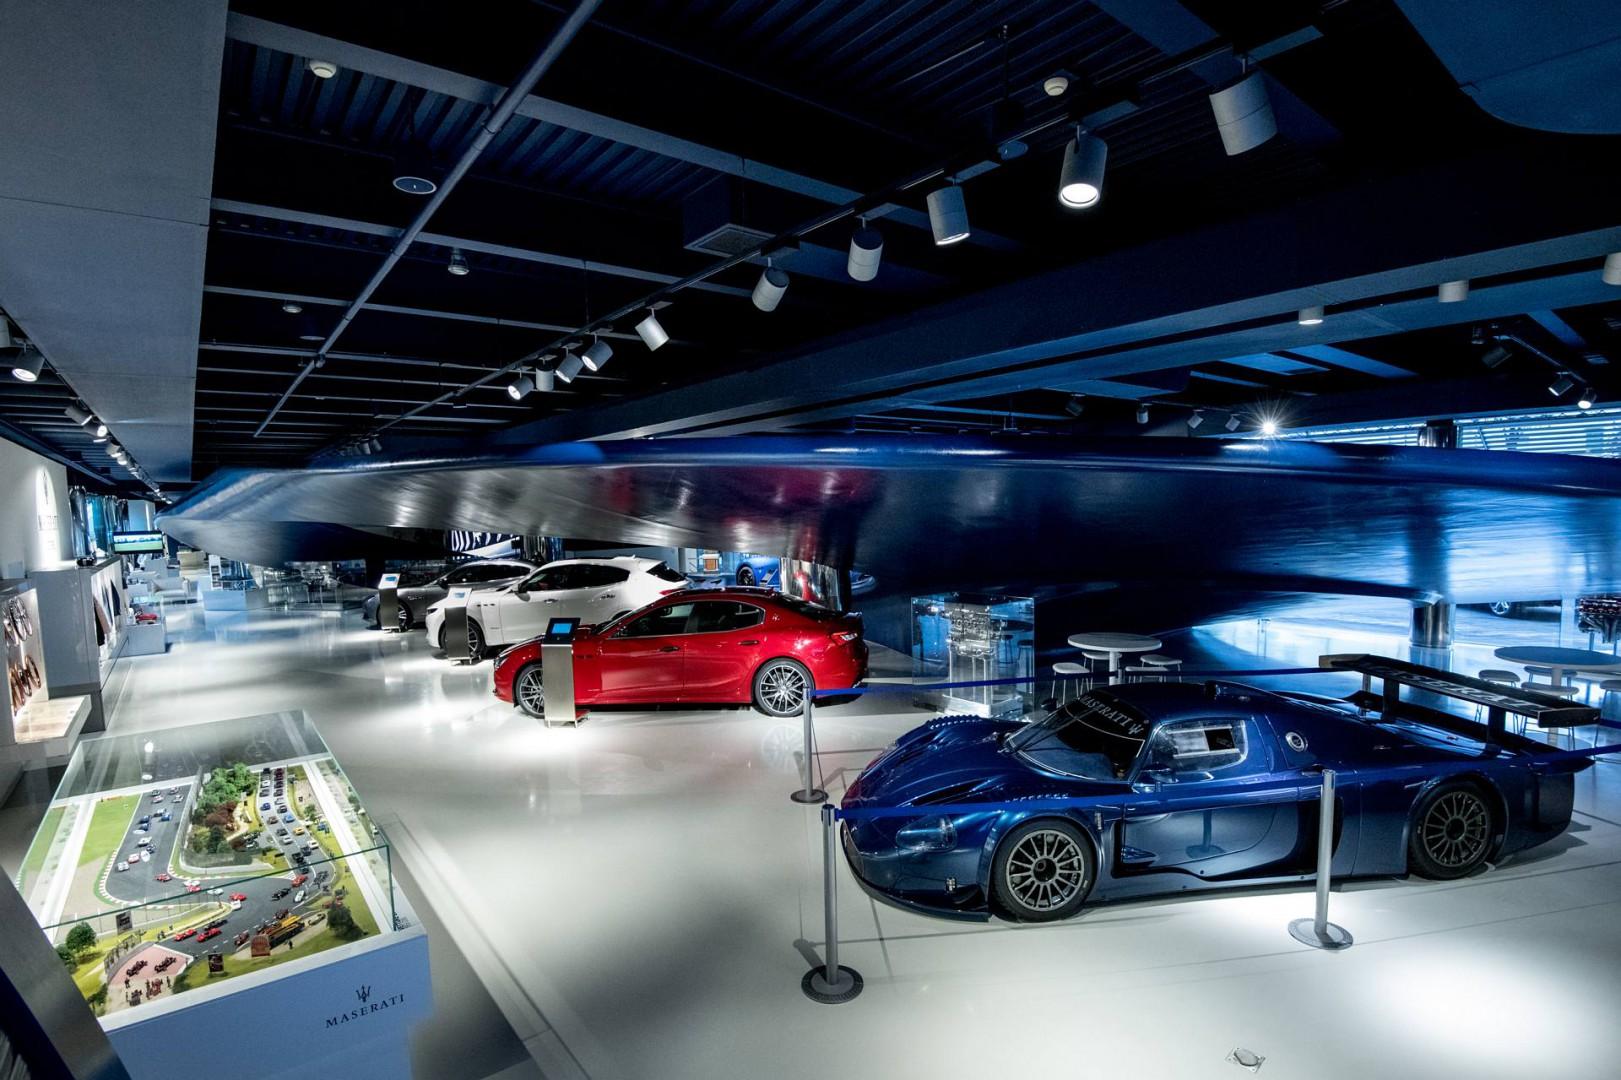 Maserati al Motor Valley Fest 2019 - Passione, innovazione, cultura e territorio